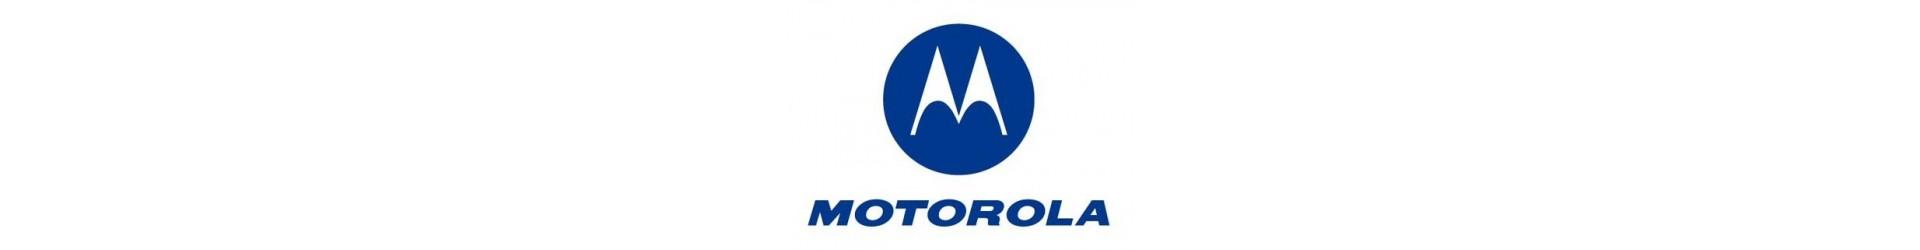 Motorola OTROS Modelos